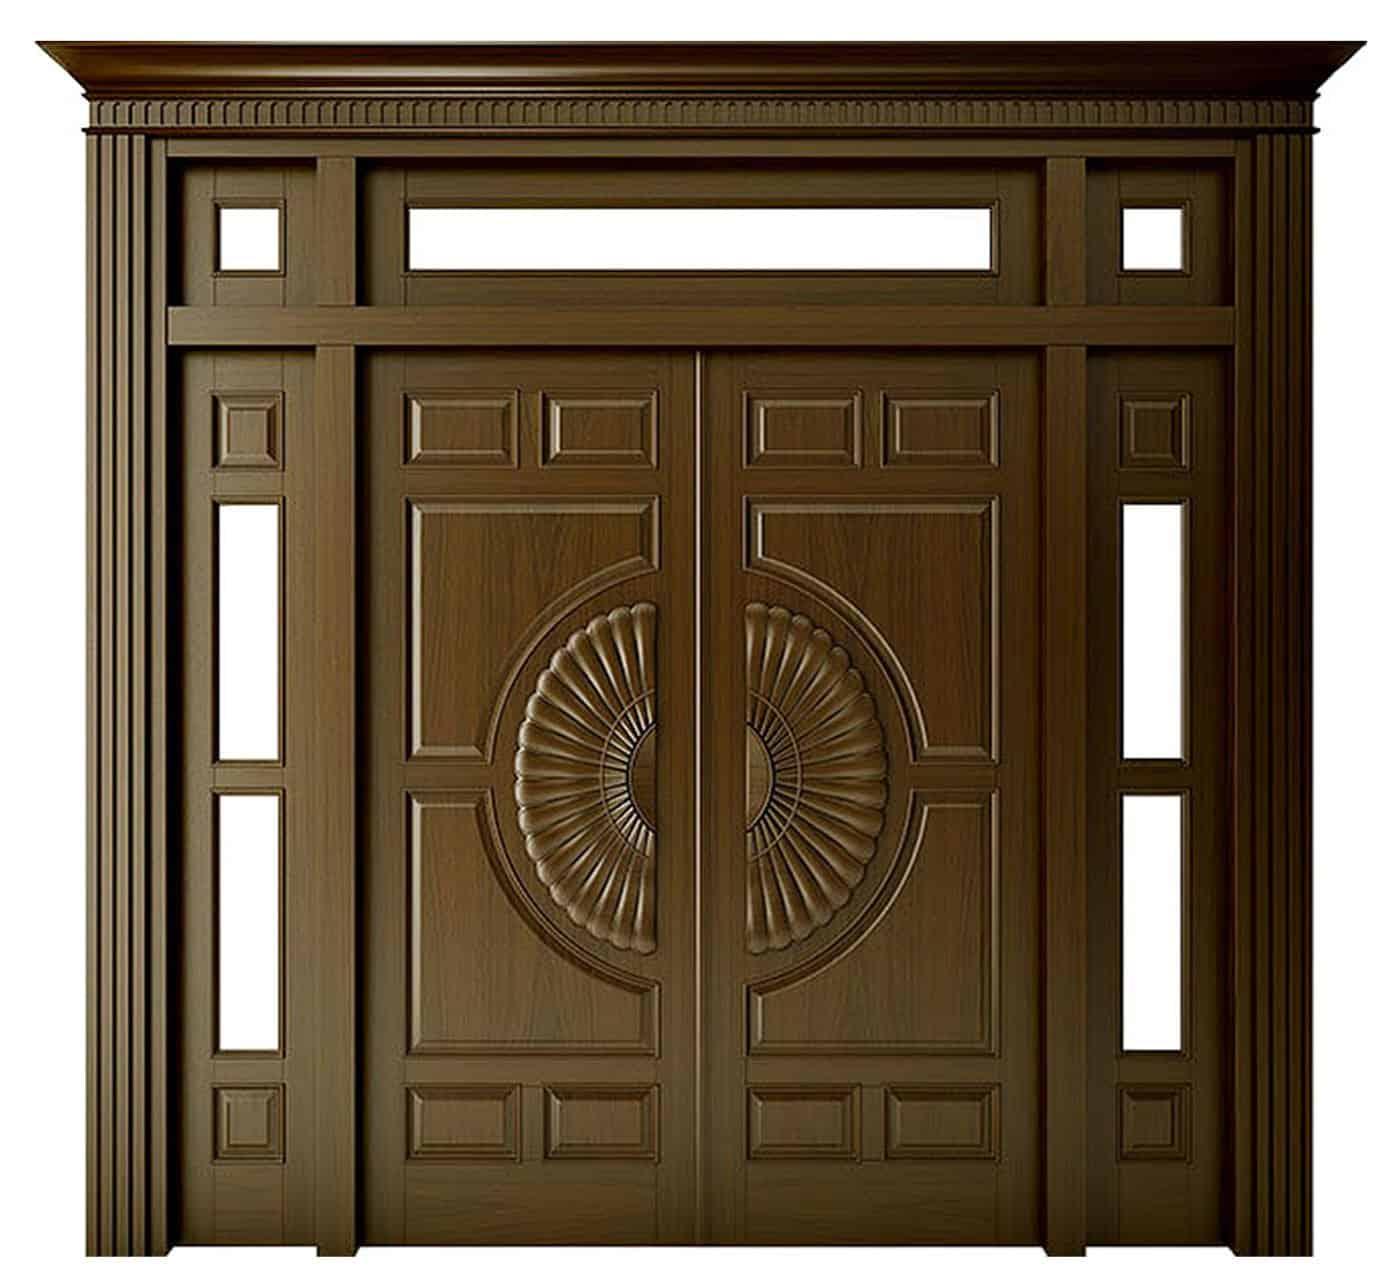 Độ thẩm mĩ cao của cửa gỗ